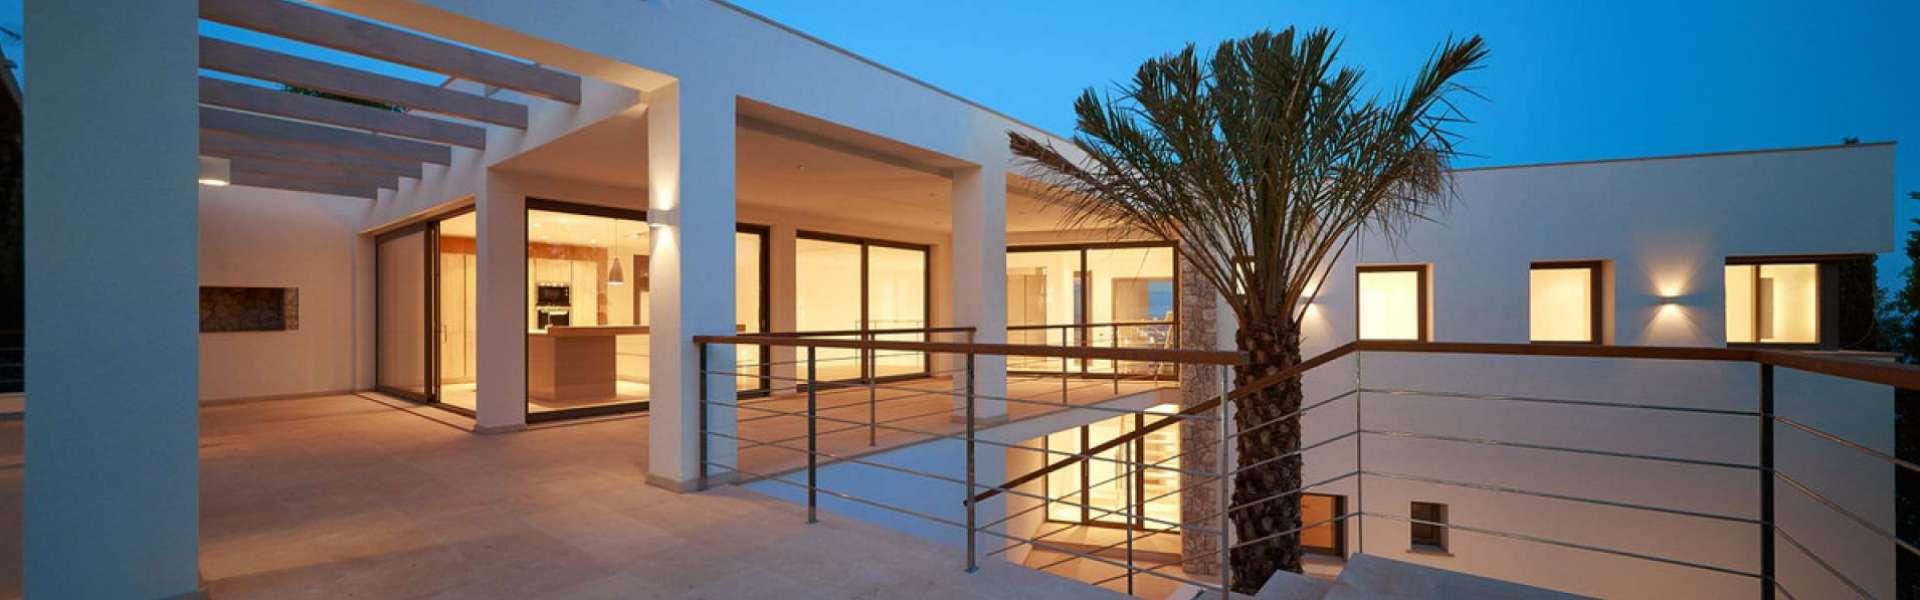 Moderne Neubauvilla mit sehr guter Meersicht in Costa d'en Blanes